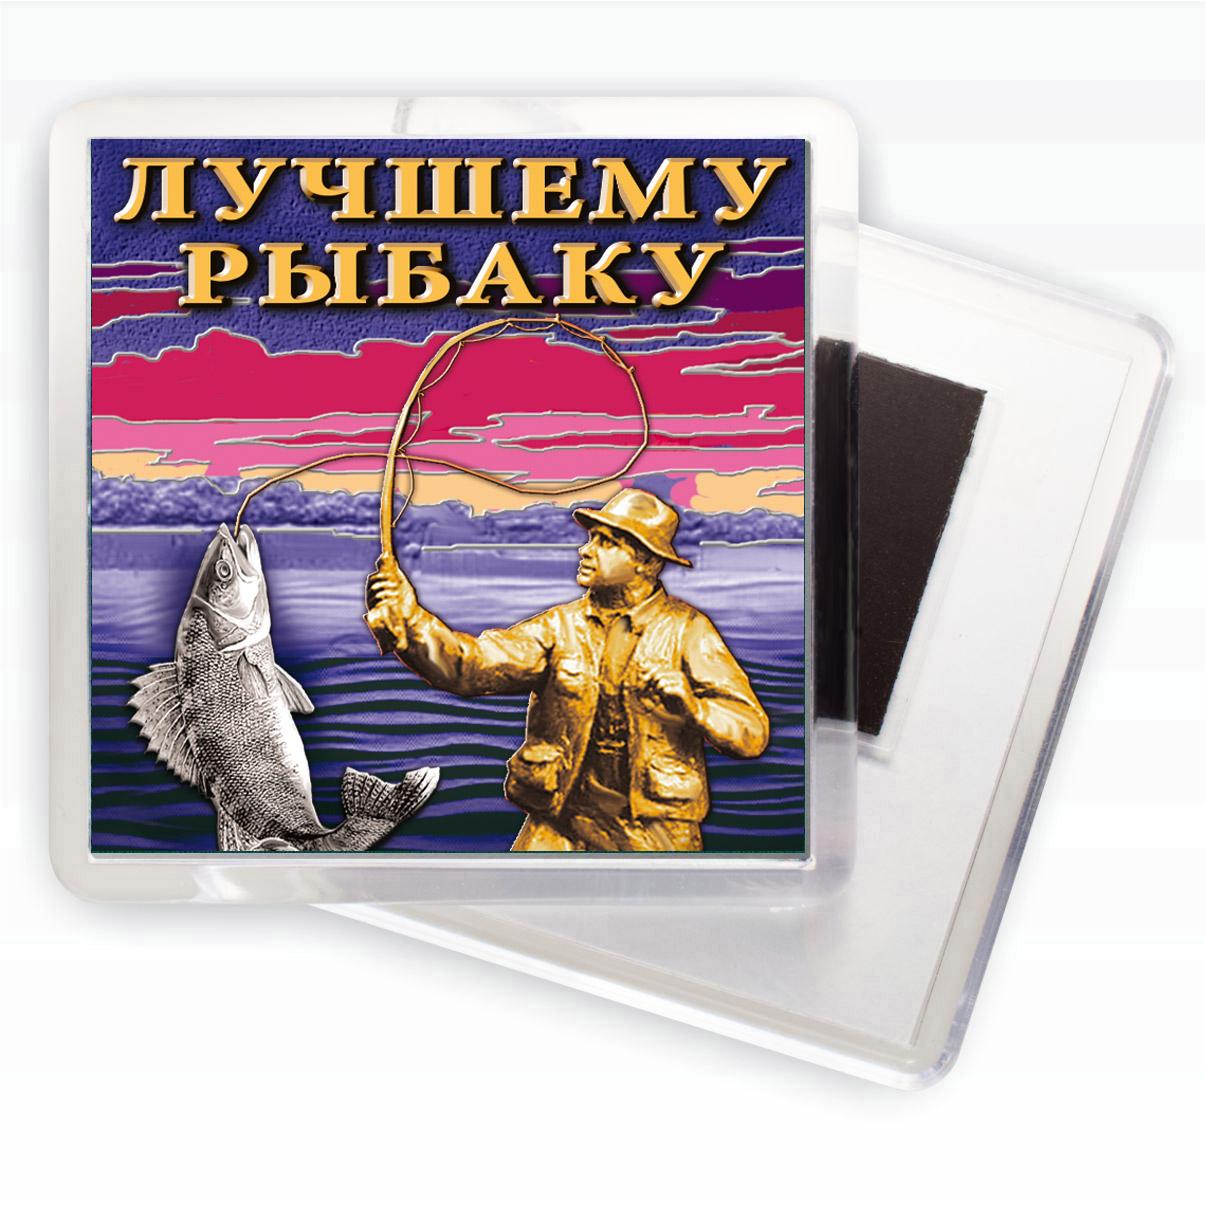 Купить магнитик Рыбаку недорого в интернет-магазине Военпро